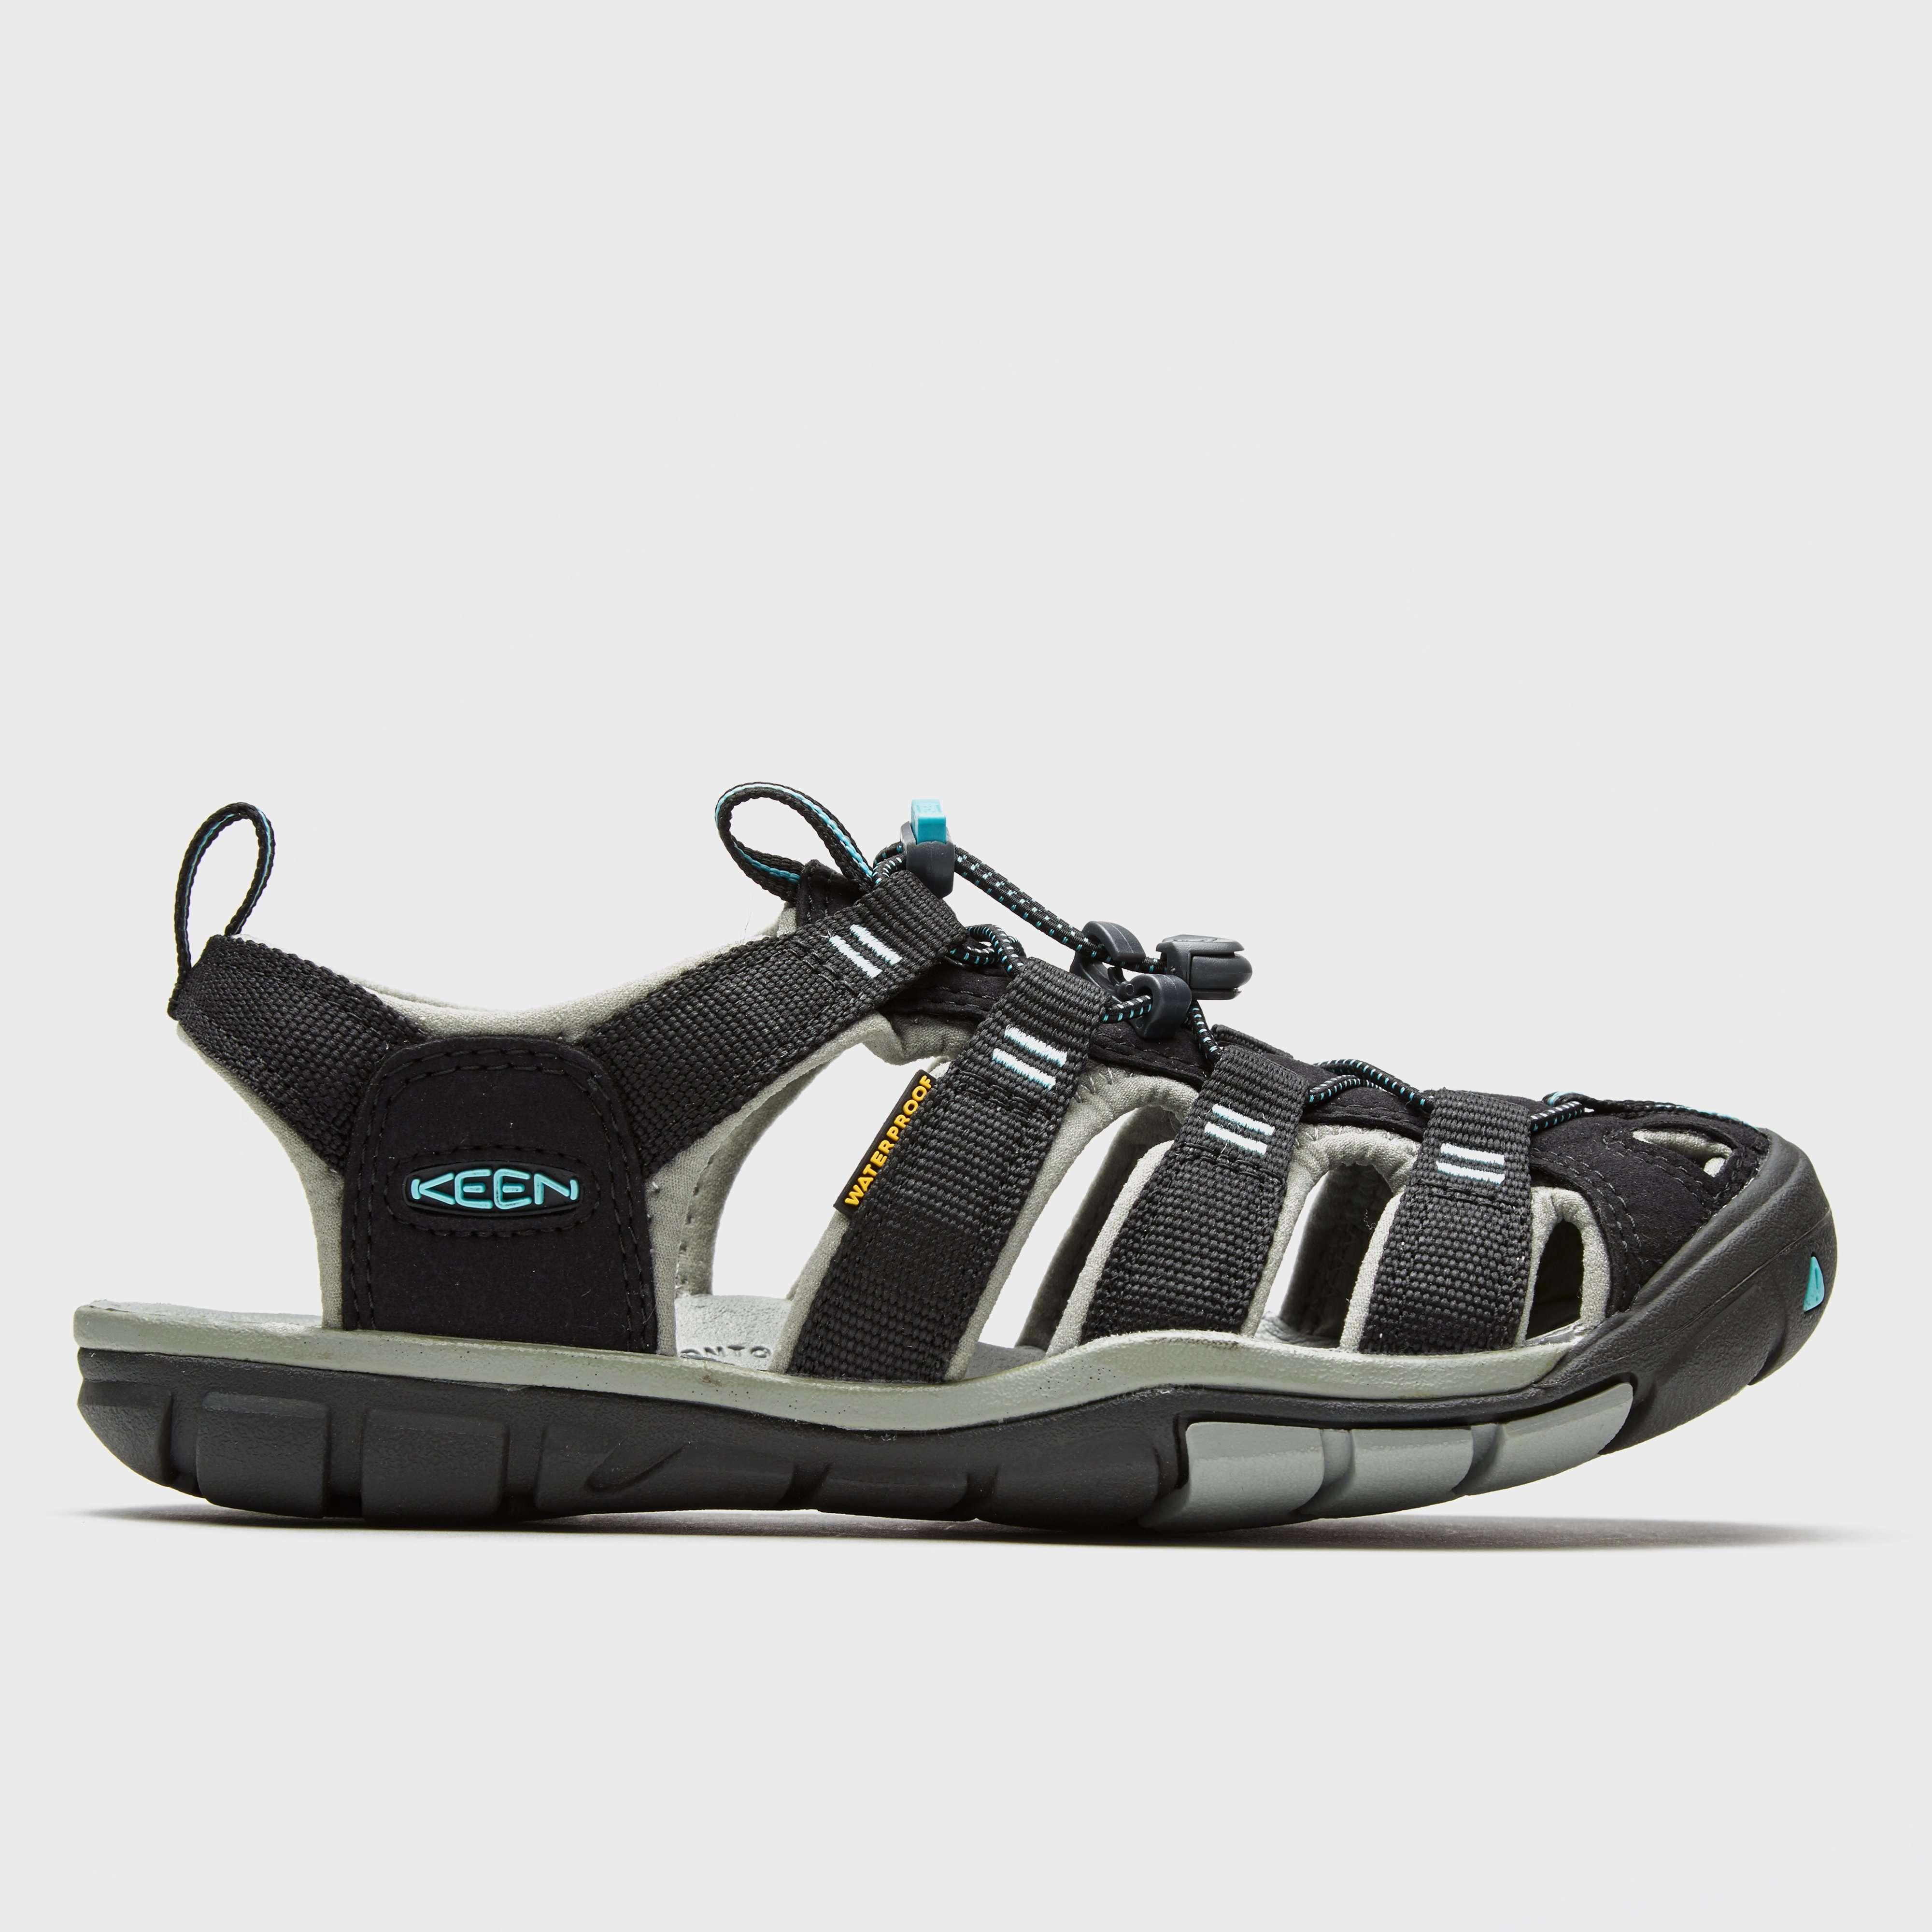 KEEN Women'sClearwater CNX Sandals